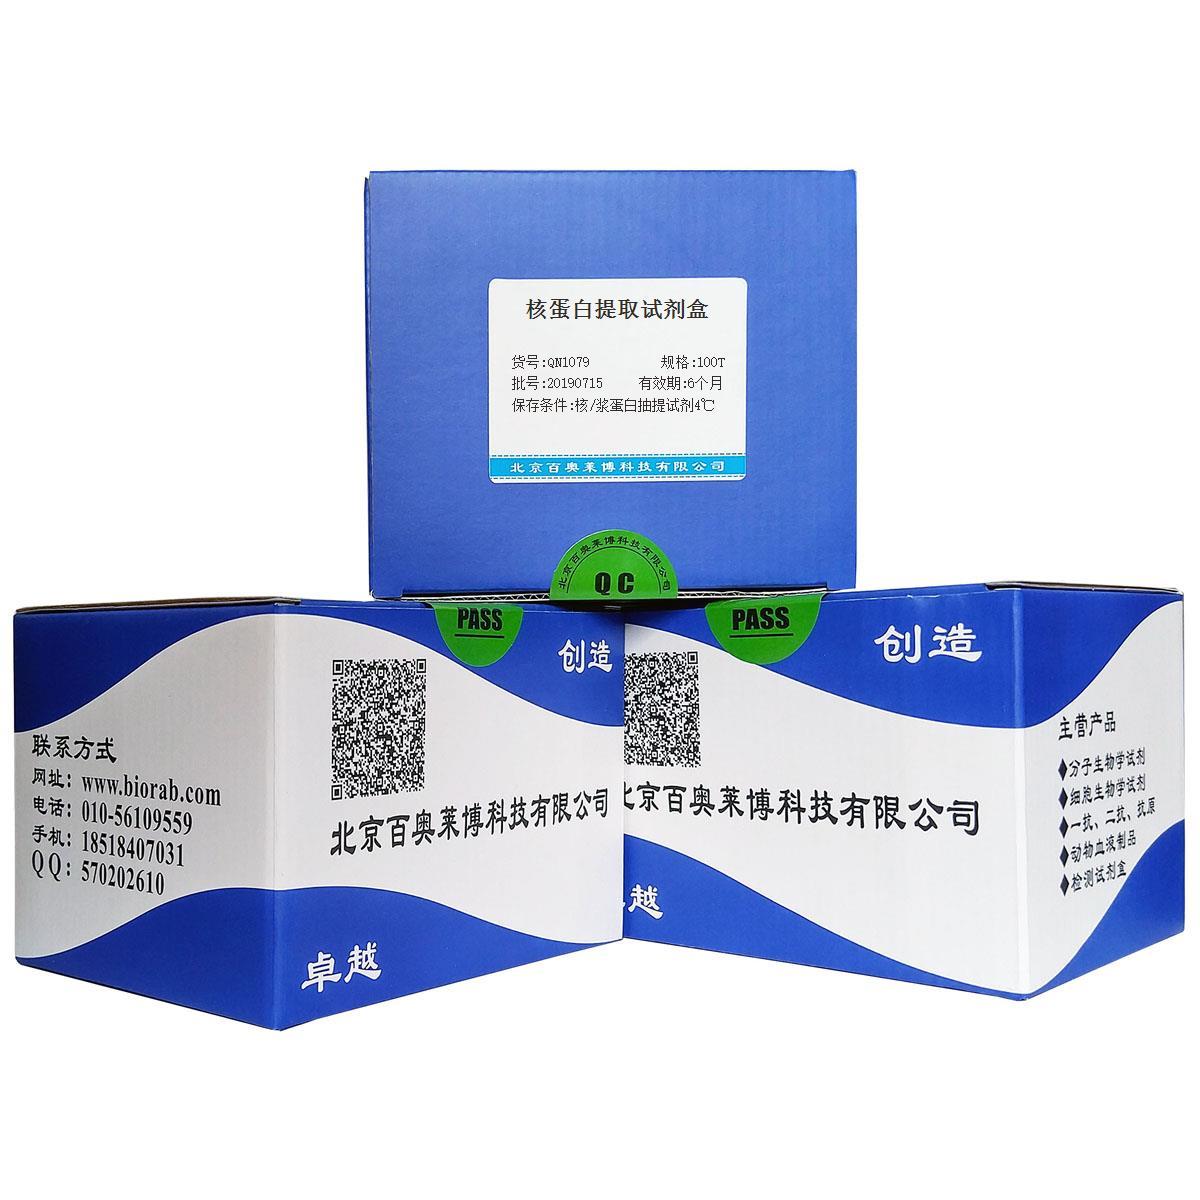 核蛋白提取试剂盒优惠促销